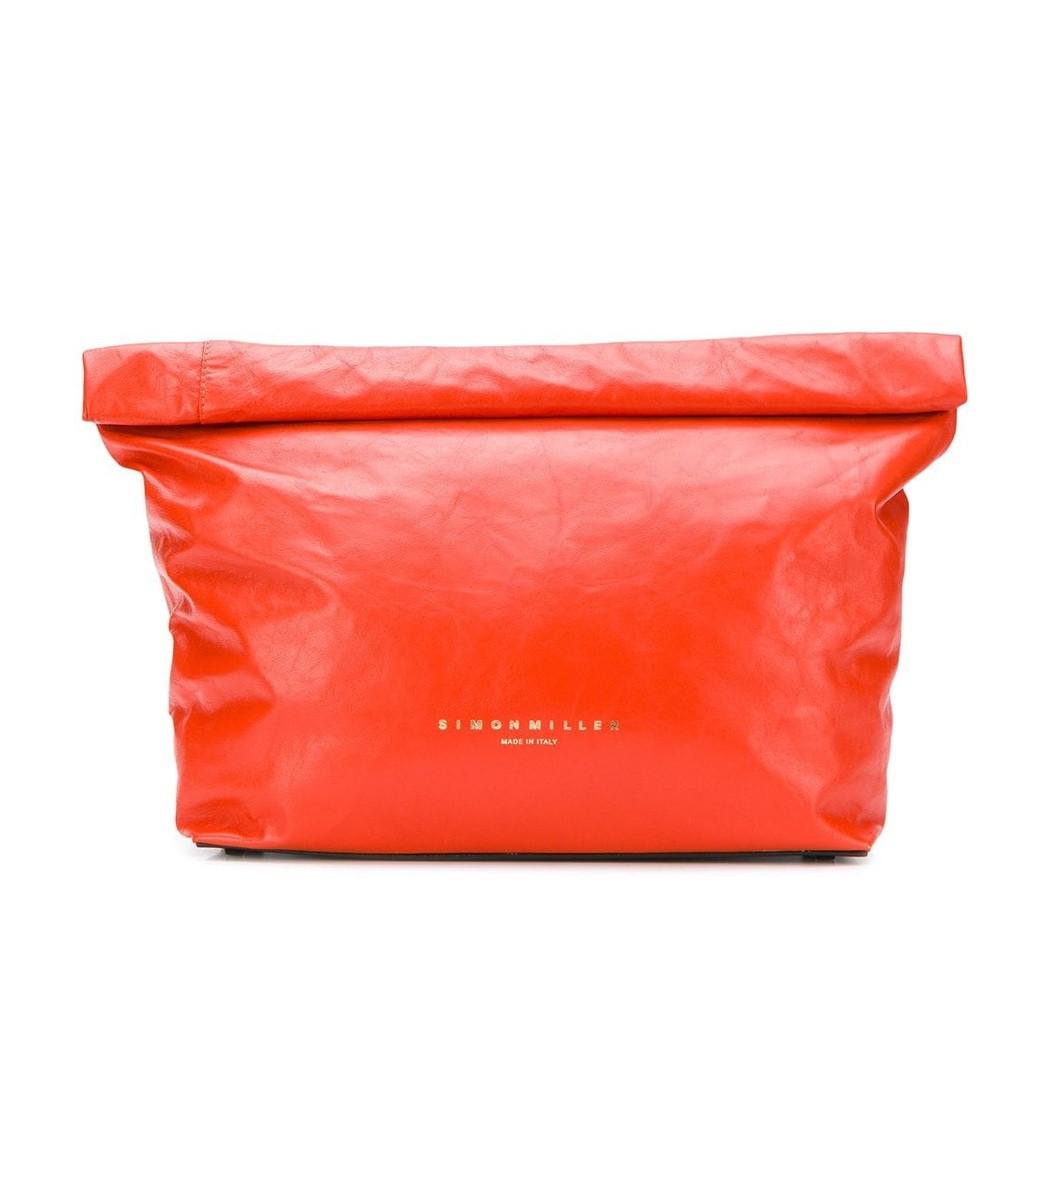 Simon Miller Orange Lunch Bag